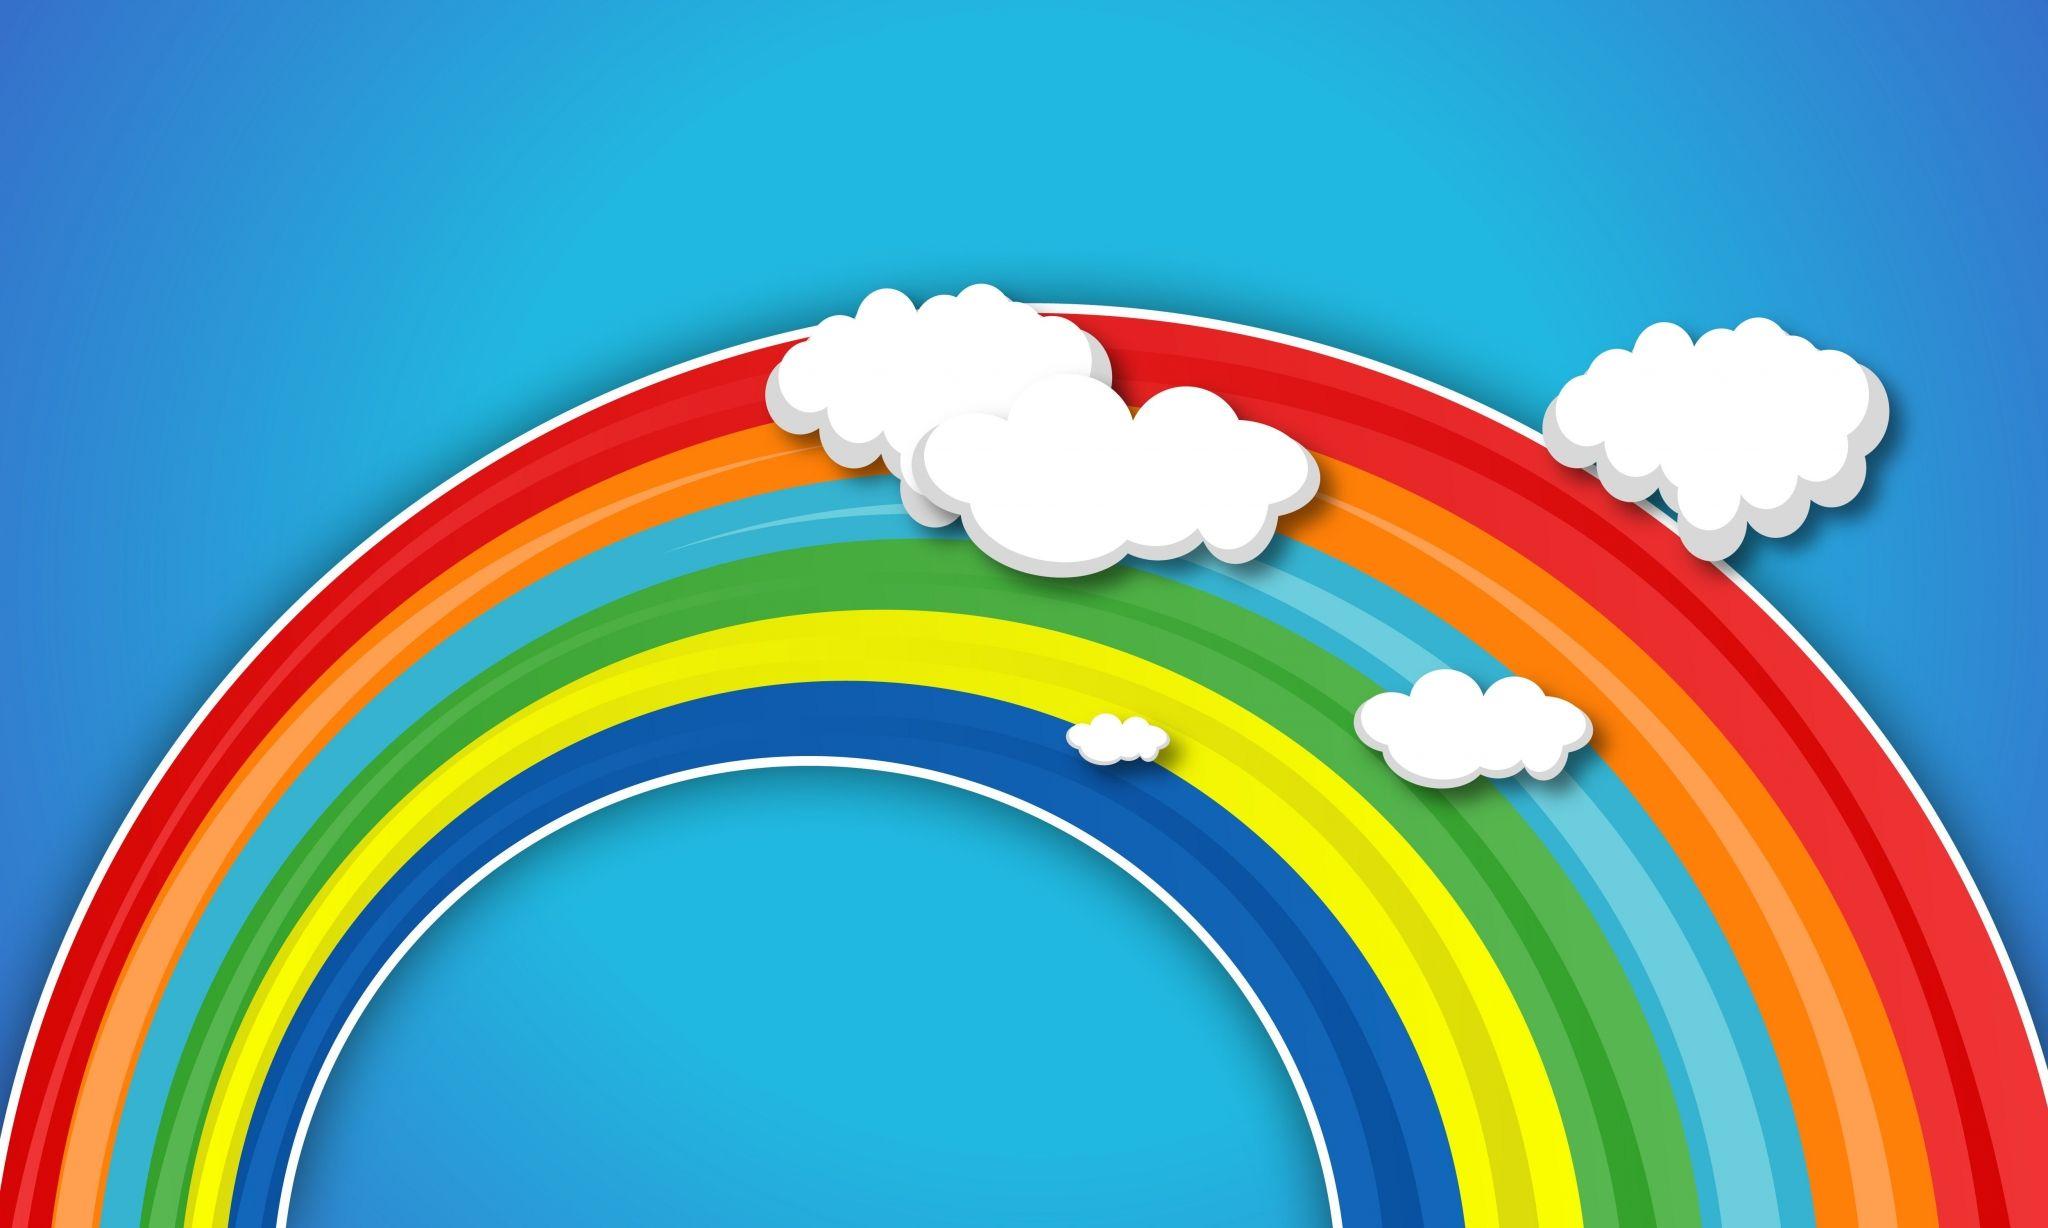 2048x1228 Rainbow Late Backgrounds Desktop Dengan Gambar Pelangi